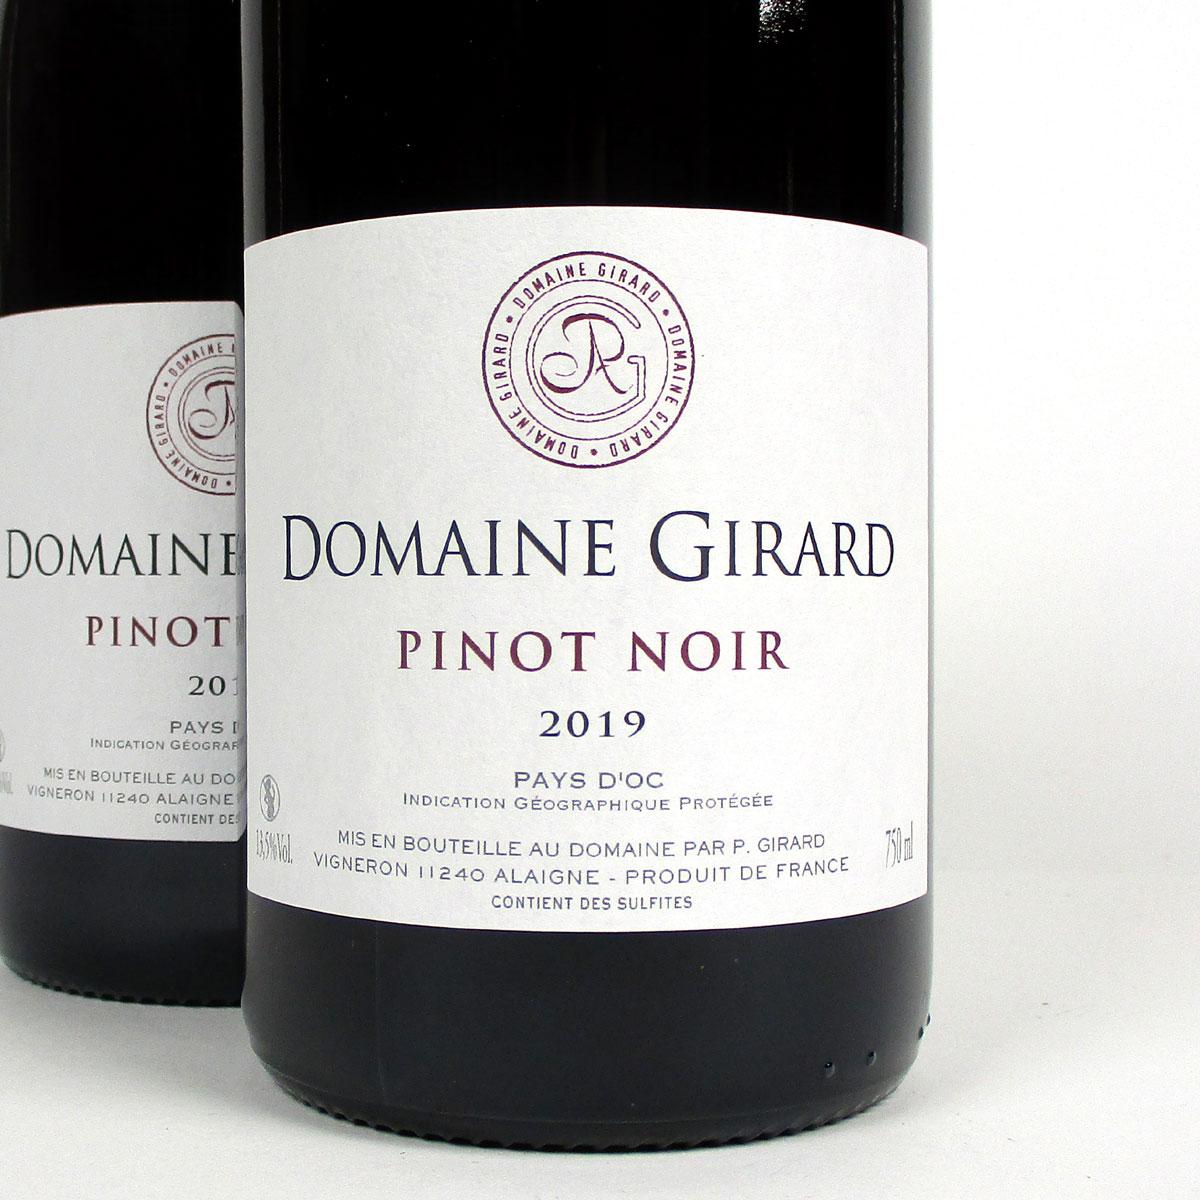 IGP Pays d'Oc: Domaine Girard Pinot Noir 2019